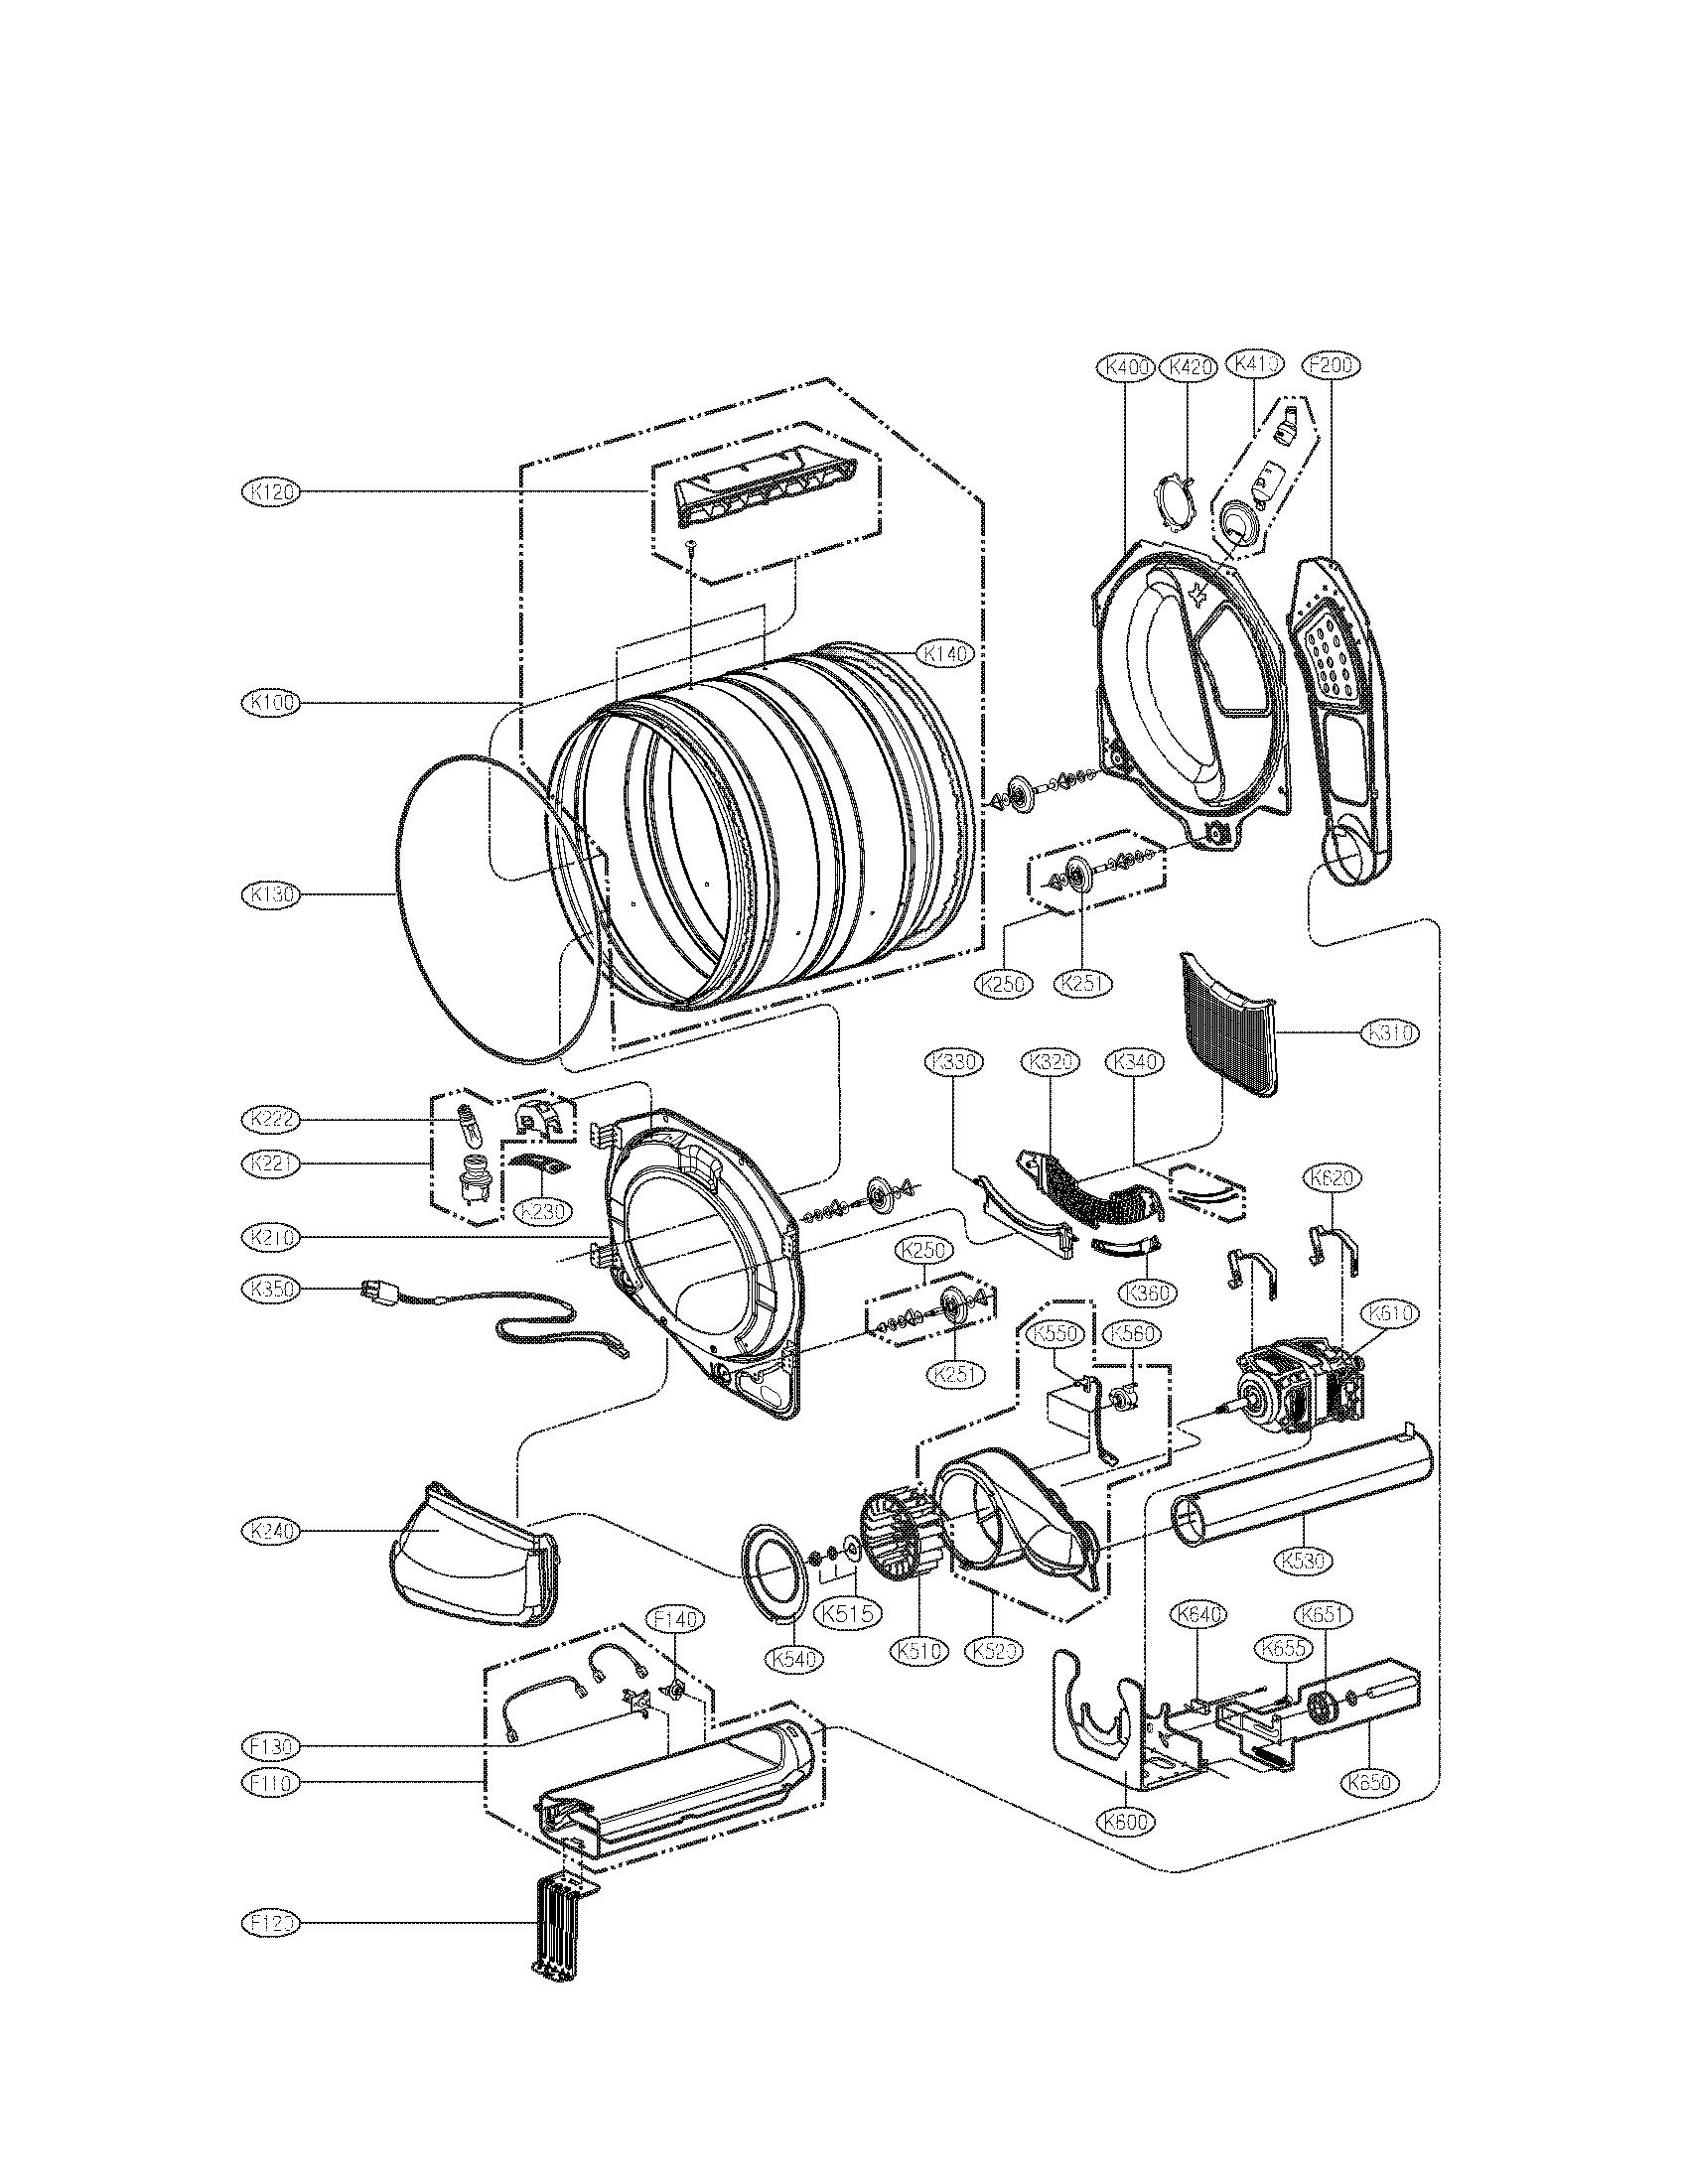 ge washer schematic wiring diagram yw 2087  duet washer wiring diagram moreover maytag washer parts  duet washer wiring diagram moreover